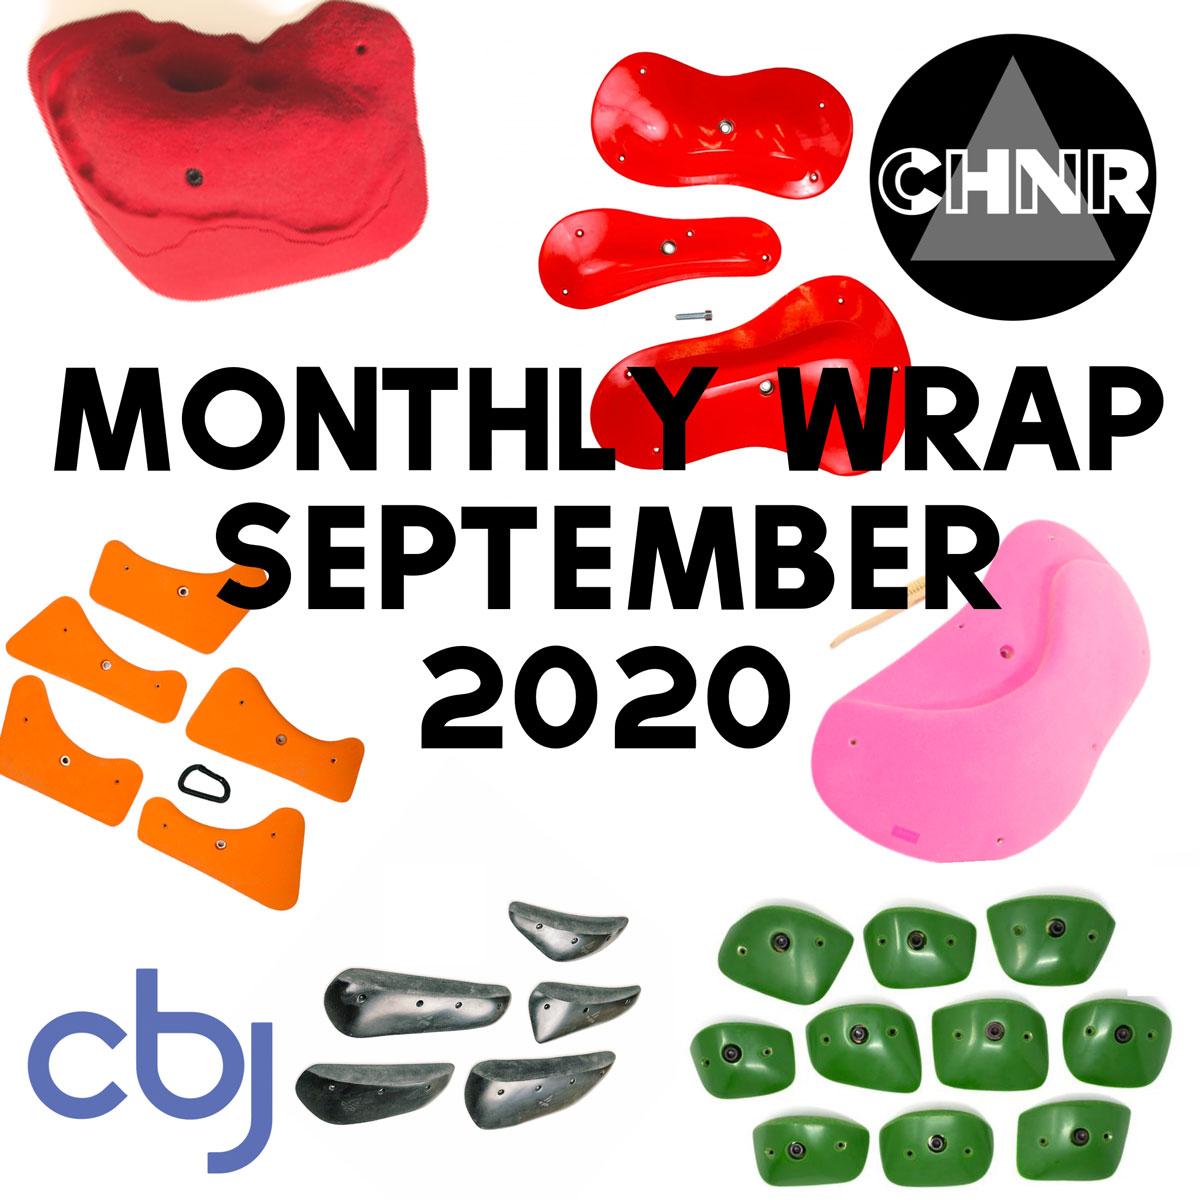 CHNR September Grips Wrap